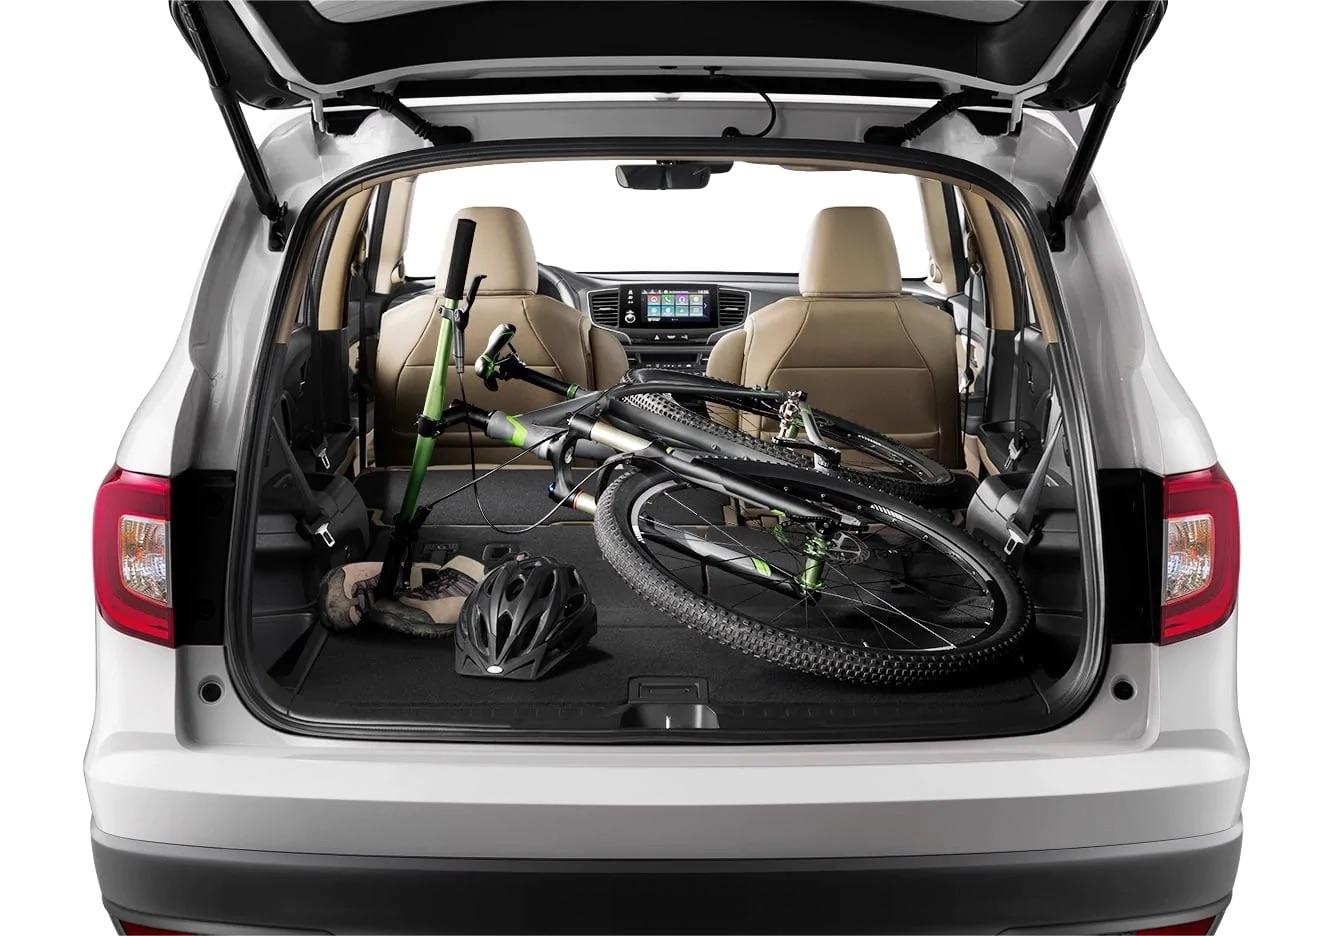 La Honda Pilot 2019 te ofrece mucho espacio de carga